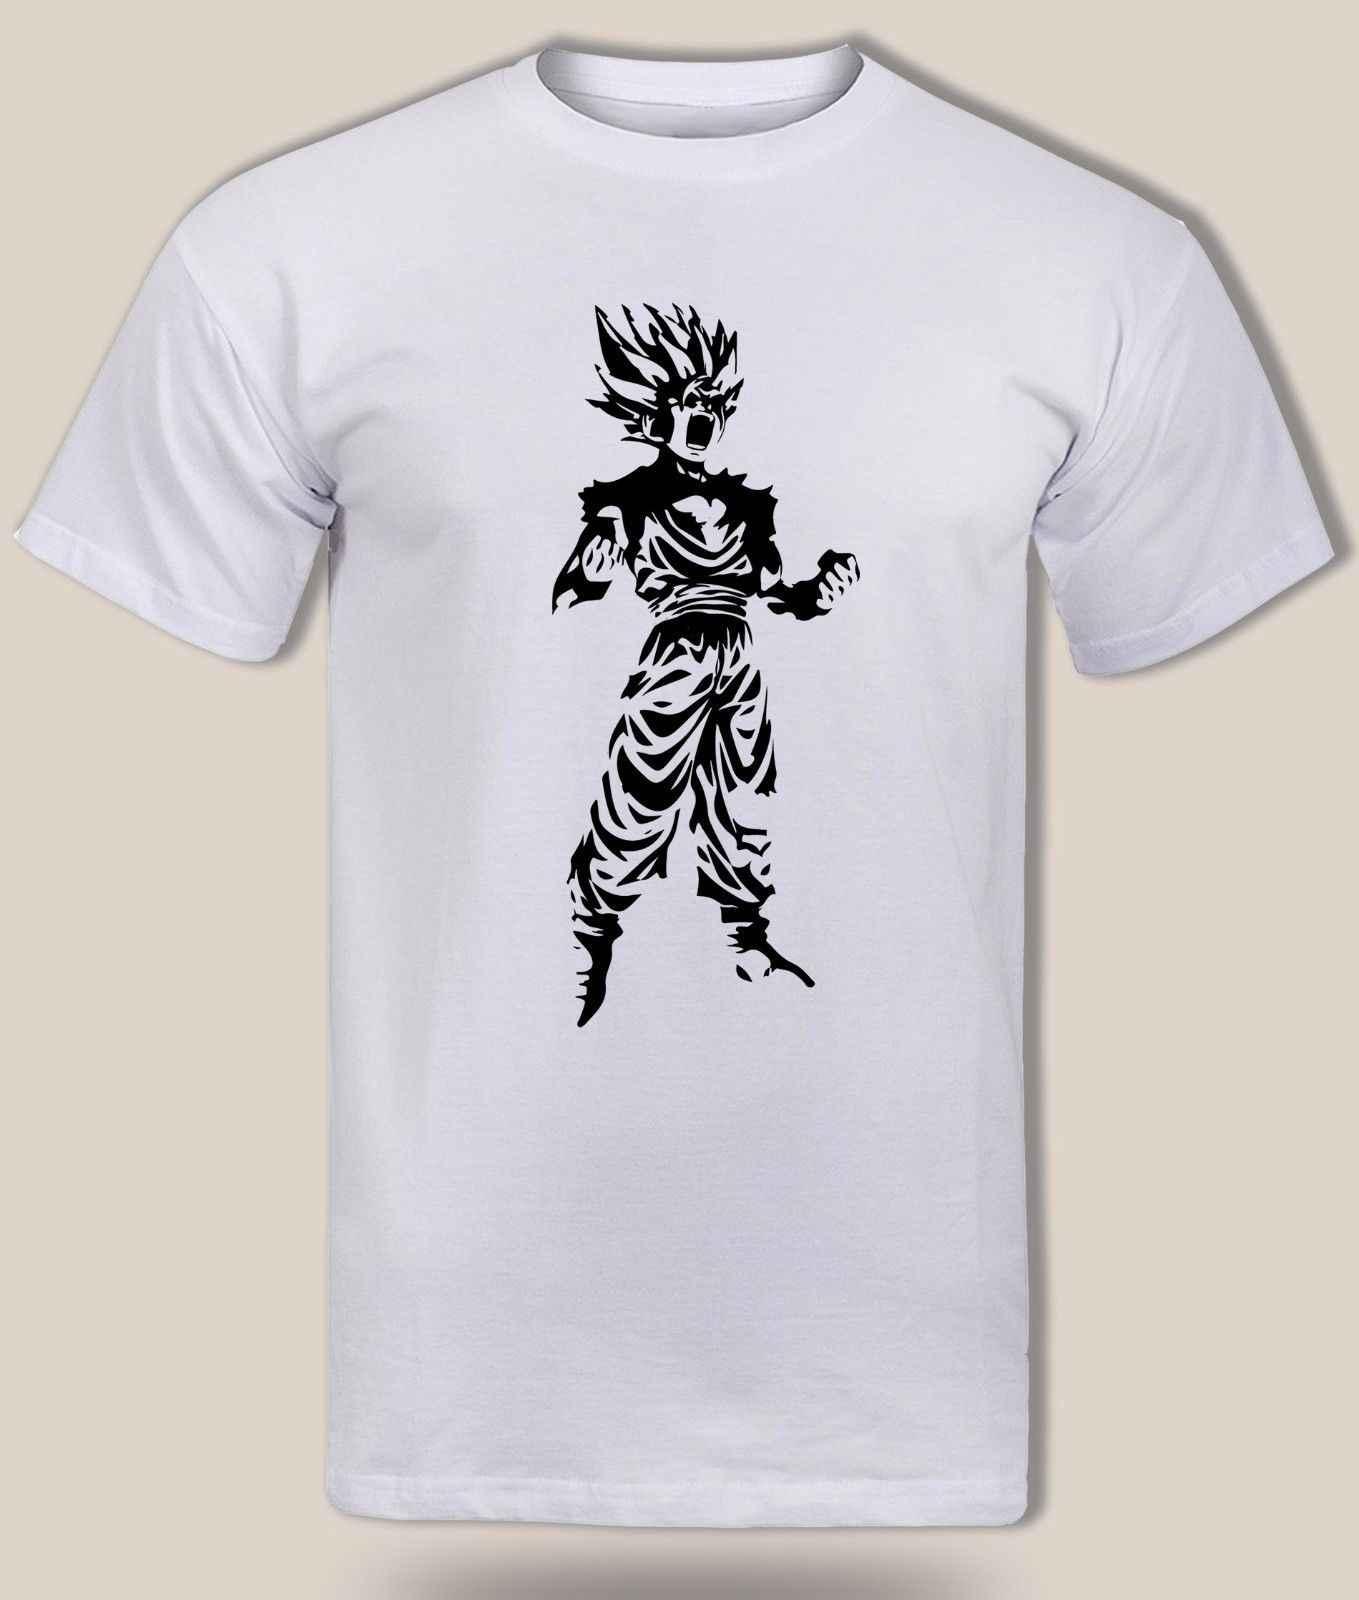 DBZ бушует подростков Гохан Супер Саян 2 футболка, Гоку, аниме Драконий жемчуг Z Для мужчин Бесплатная доставка Harajuku топы Футболка